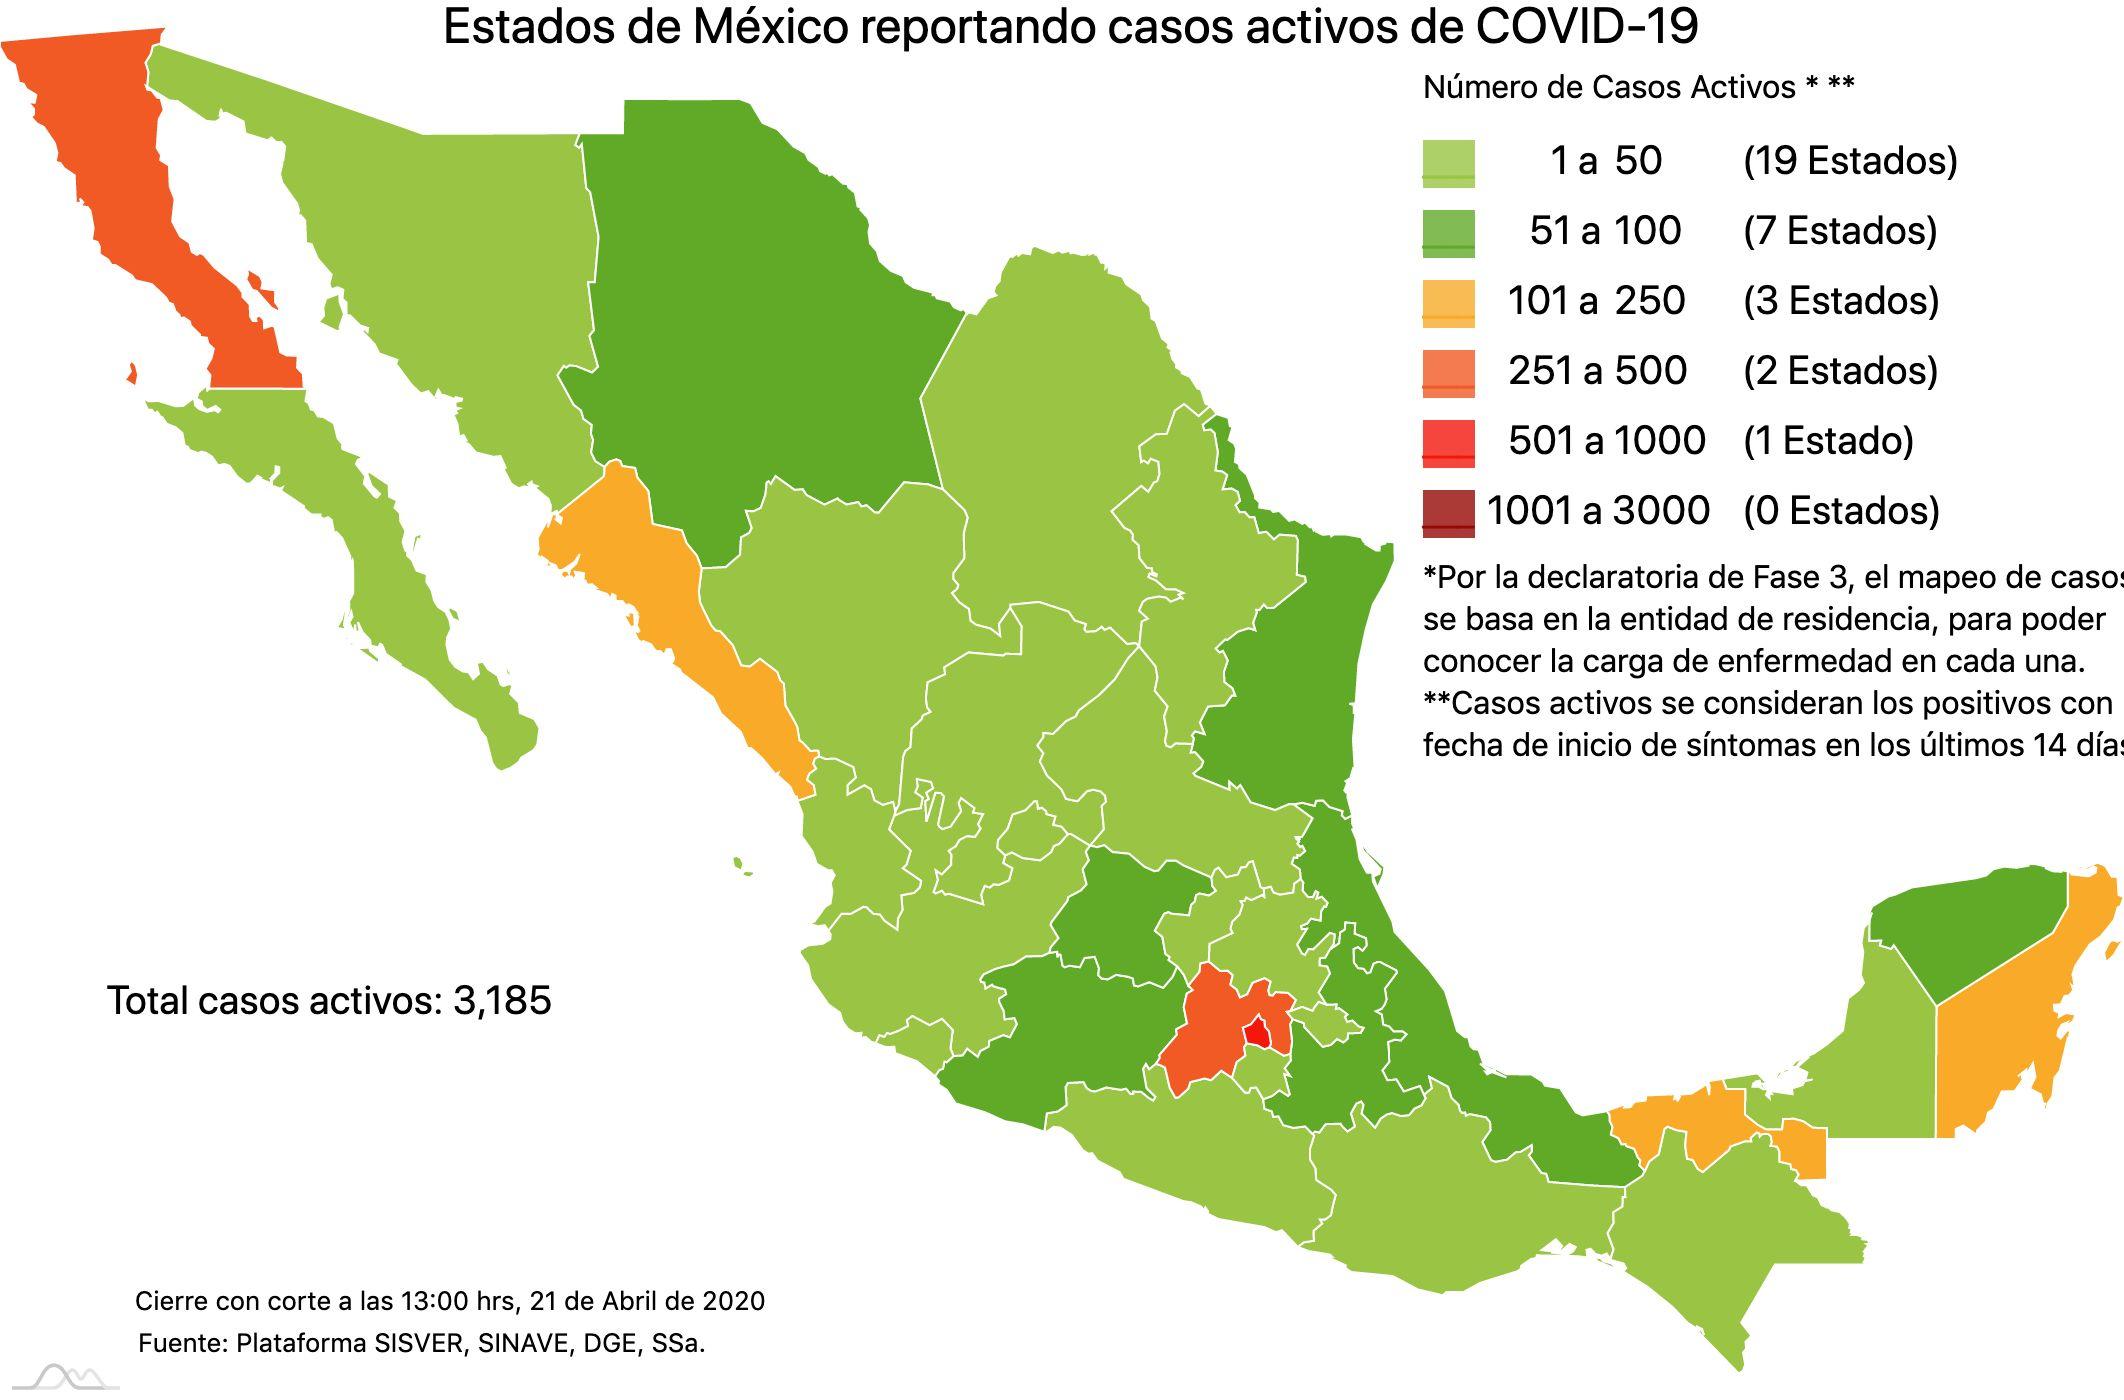 Casos activos y defunciones de Covid-19 en municipios del EdoMéx